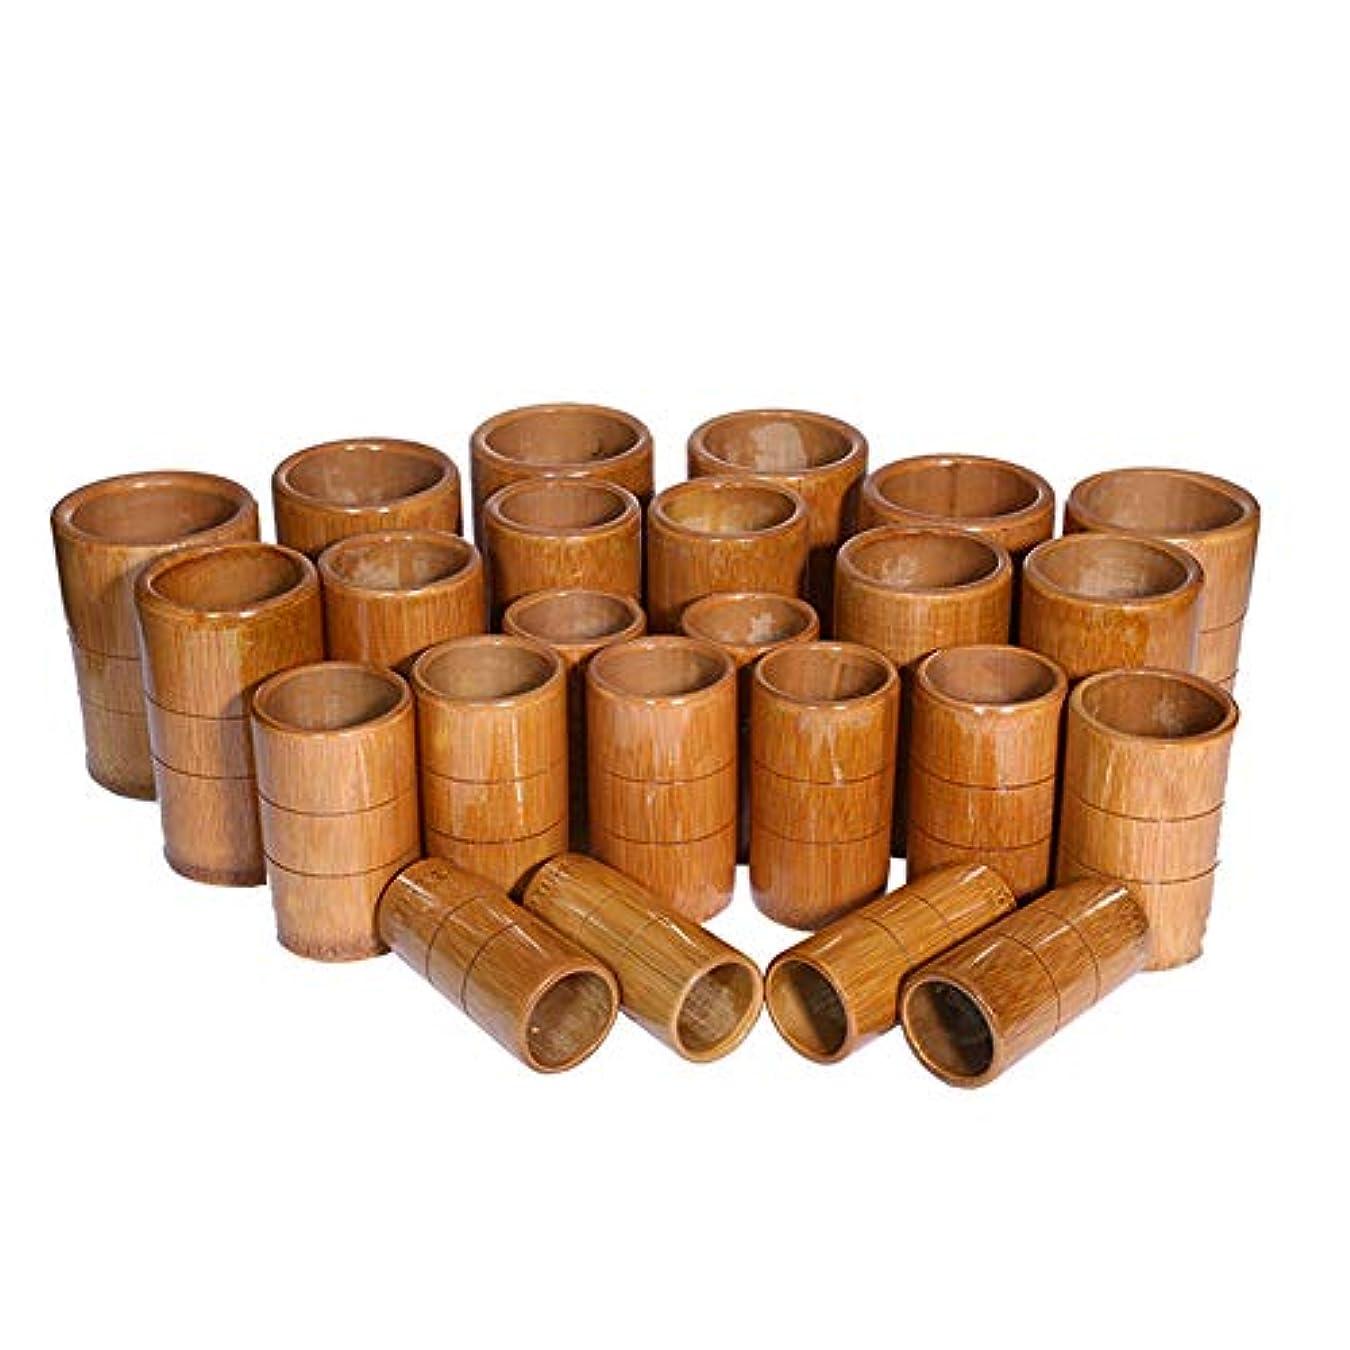 実用的ウィザードめんどりカッピング竹療法セットマッサージ真空カップキット - 炭缶鍼灸医療吸引セット,A10pcs